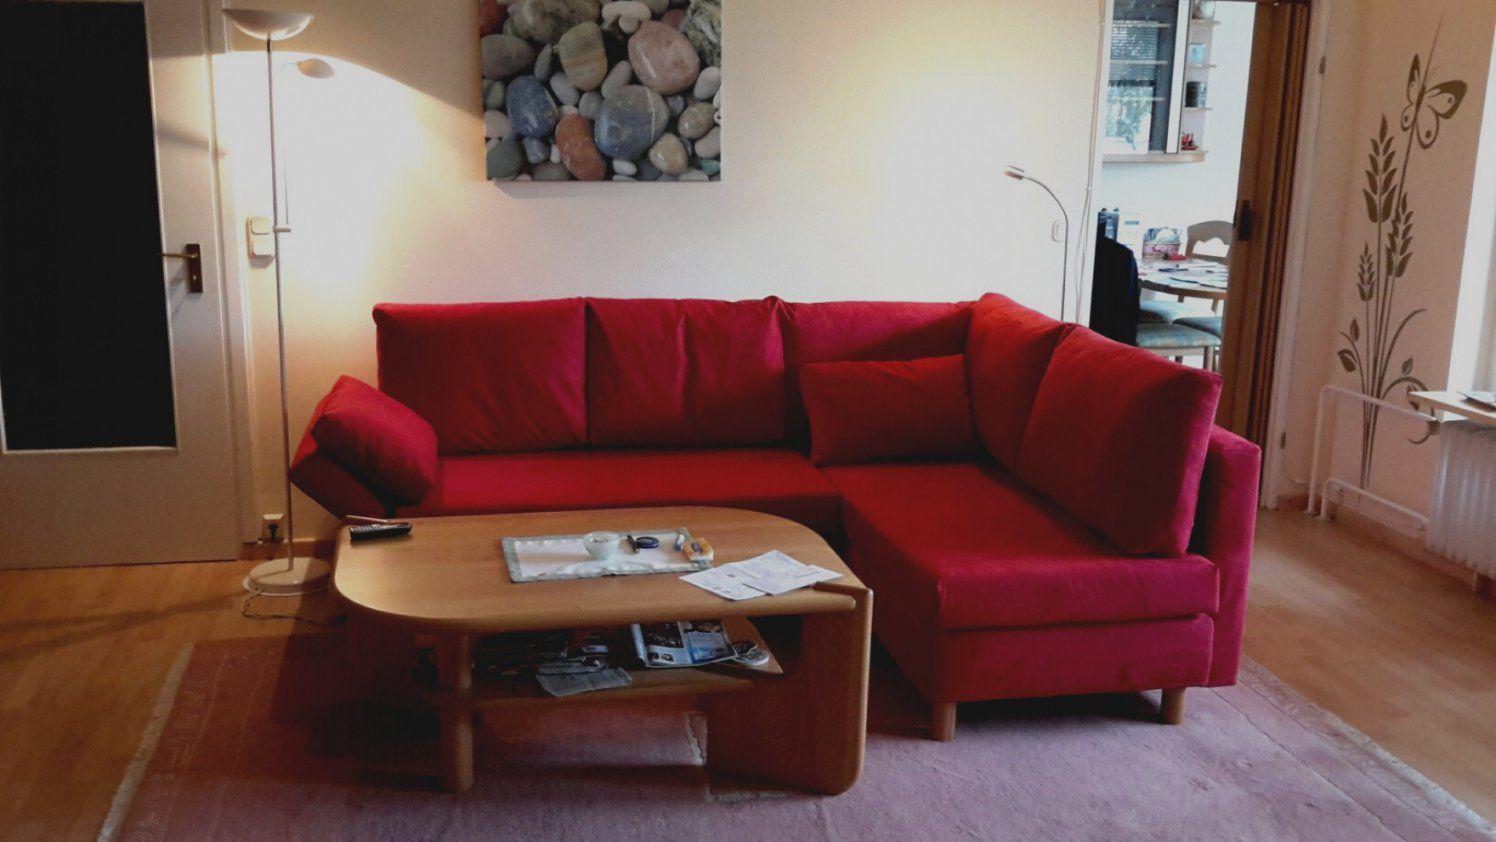 Trend Wohnzimmer Mit Rotem Sofa Möbel Bernskötter Mülheim Räume von Rote Couch Welche Wandfarbe Photo